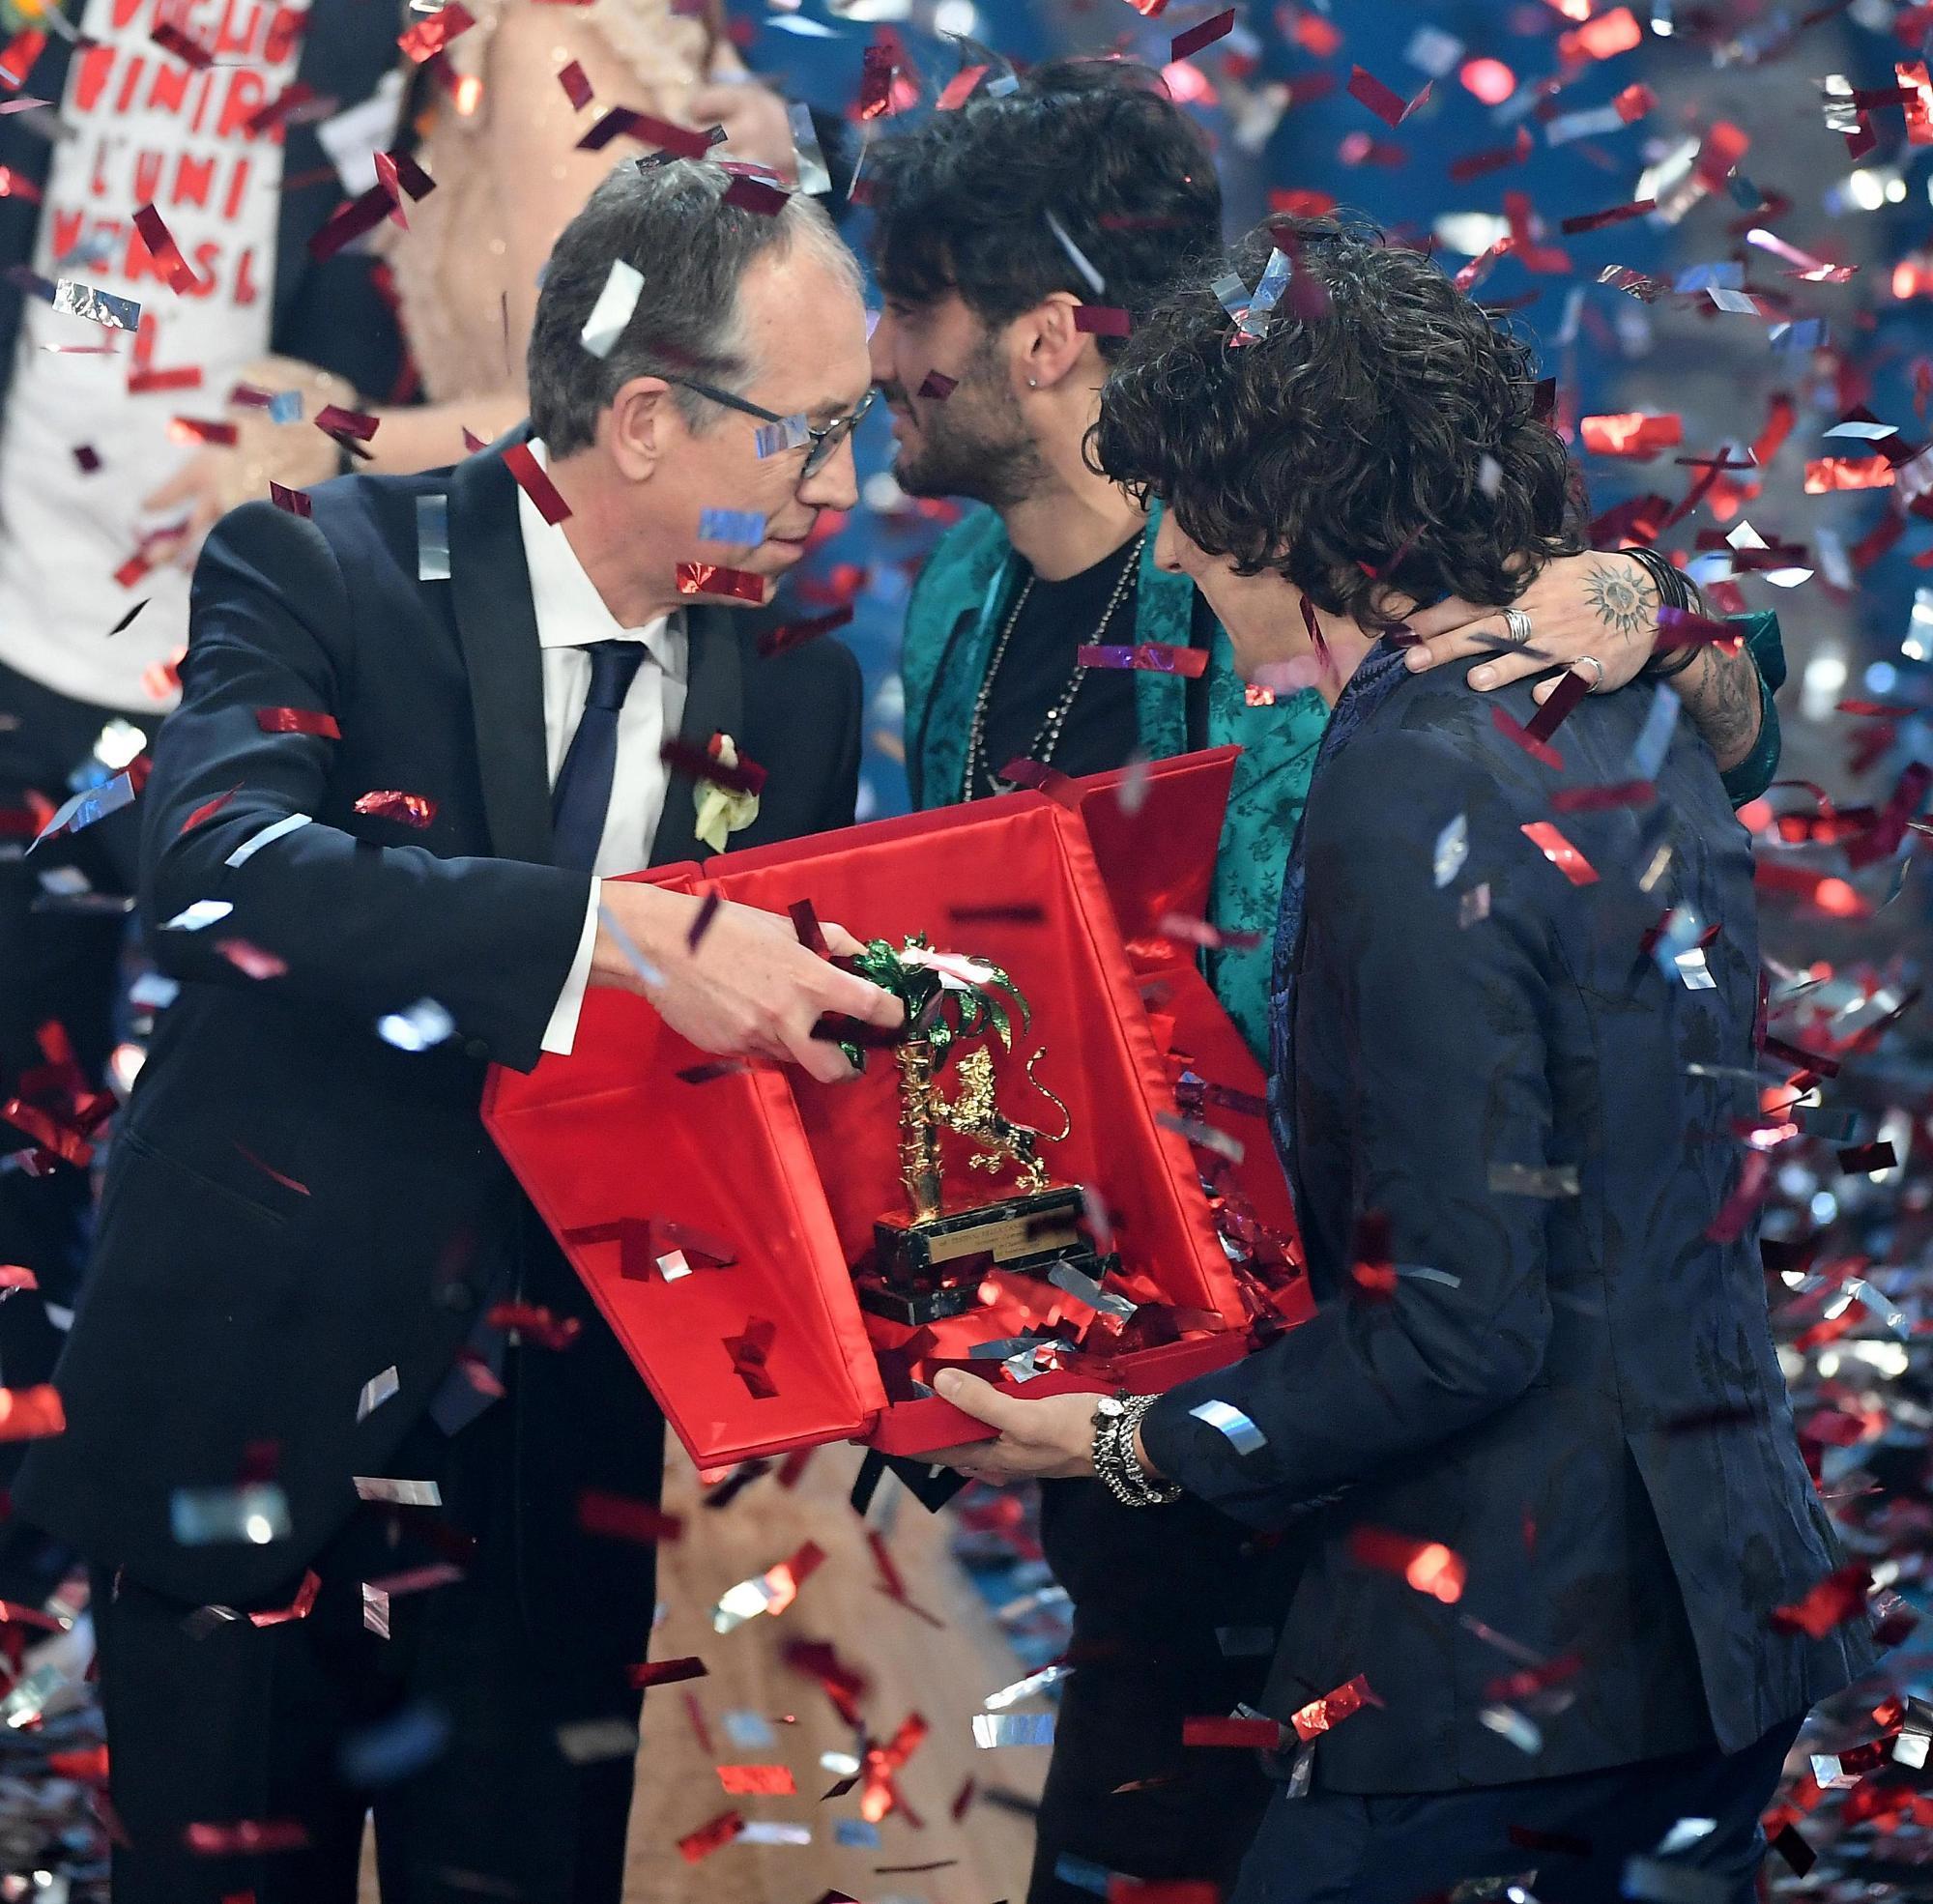 Le foto del trionfo di Ermal Meta a Sanremo 2018